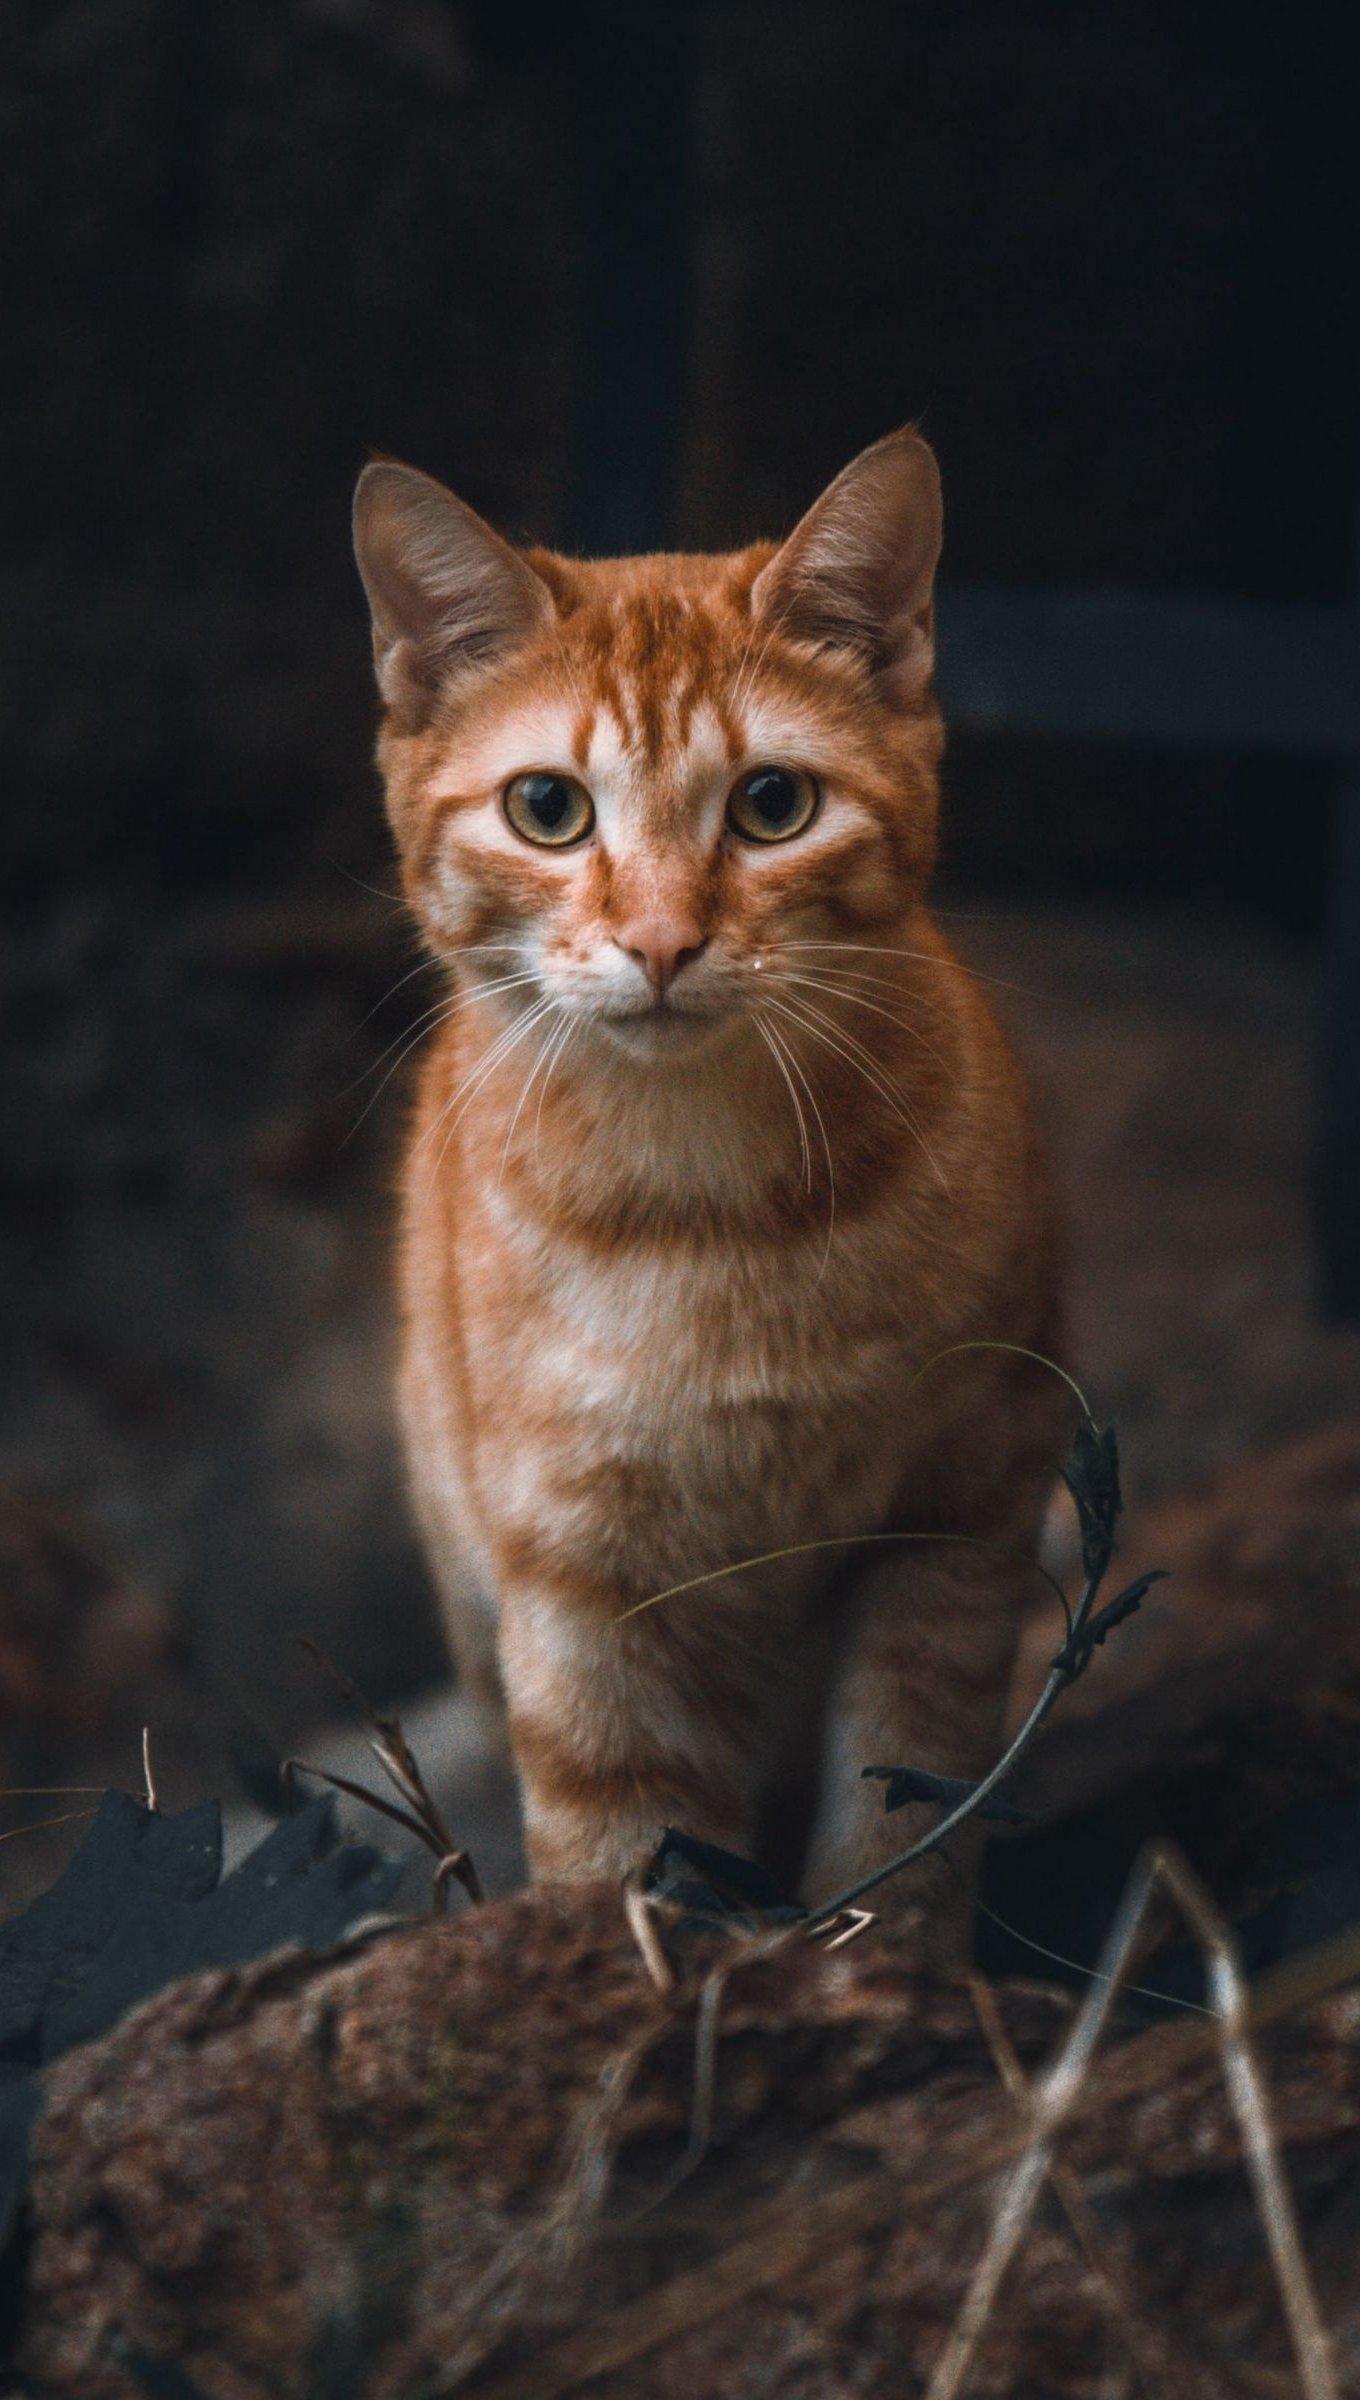 Fondos de pantalla Mirada de gato Vertical